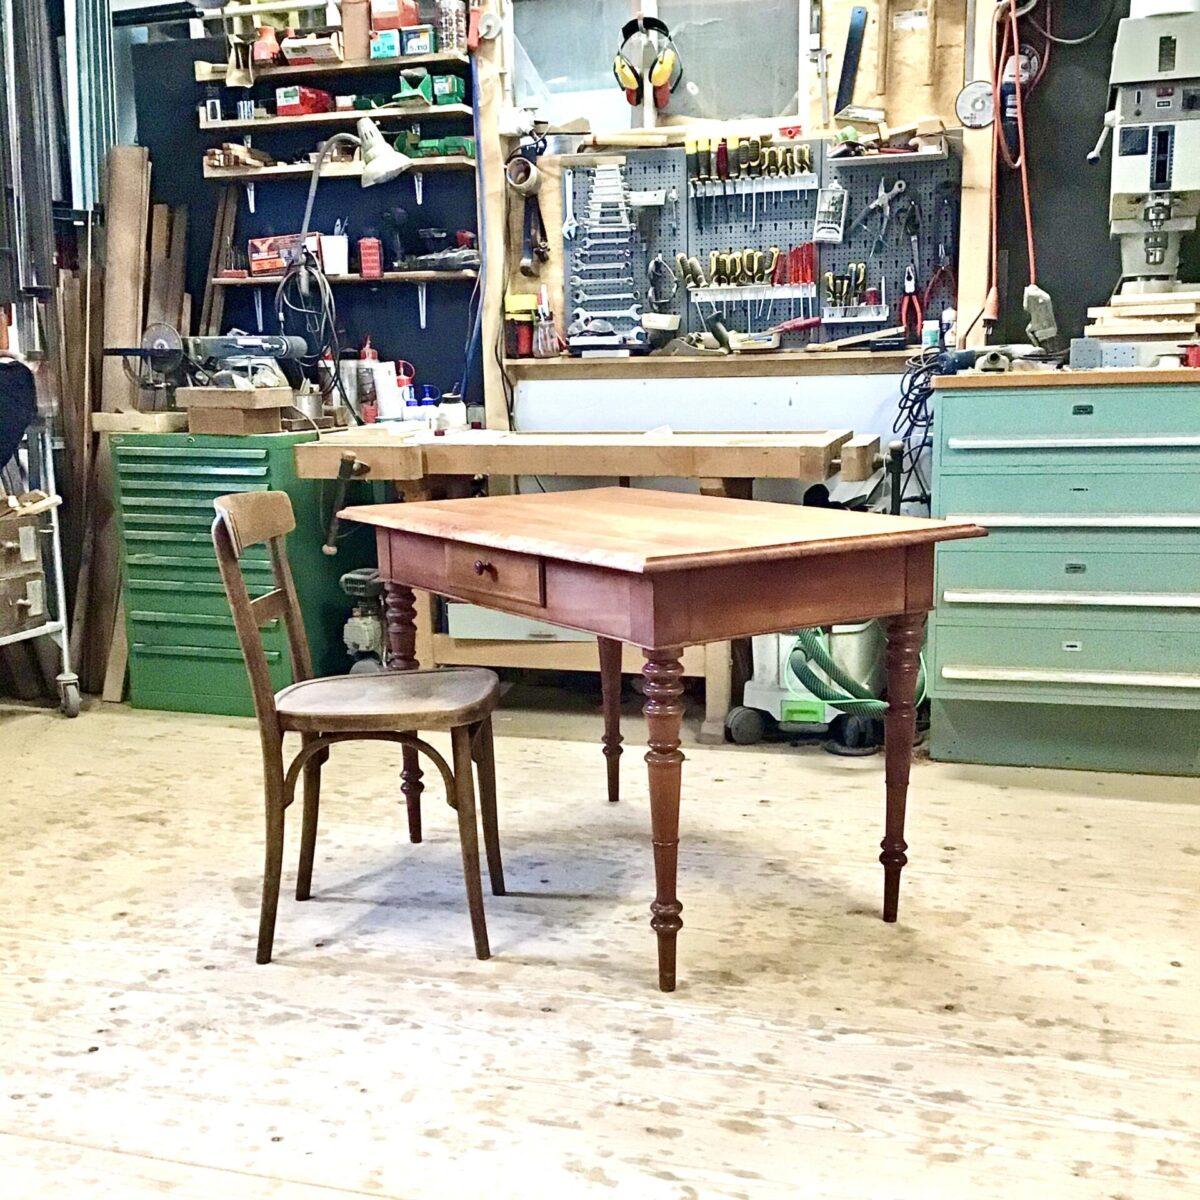 Alter Holztisch, massivholz Kirschbaum mit Schublade. 120mal73.5cm höhe 75.2cm. Gedrechselte Beine, Tischblatt geölt, schöne Beizentisch profilkante.